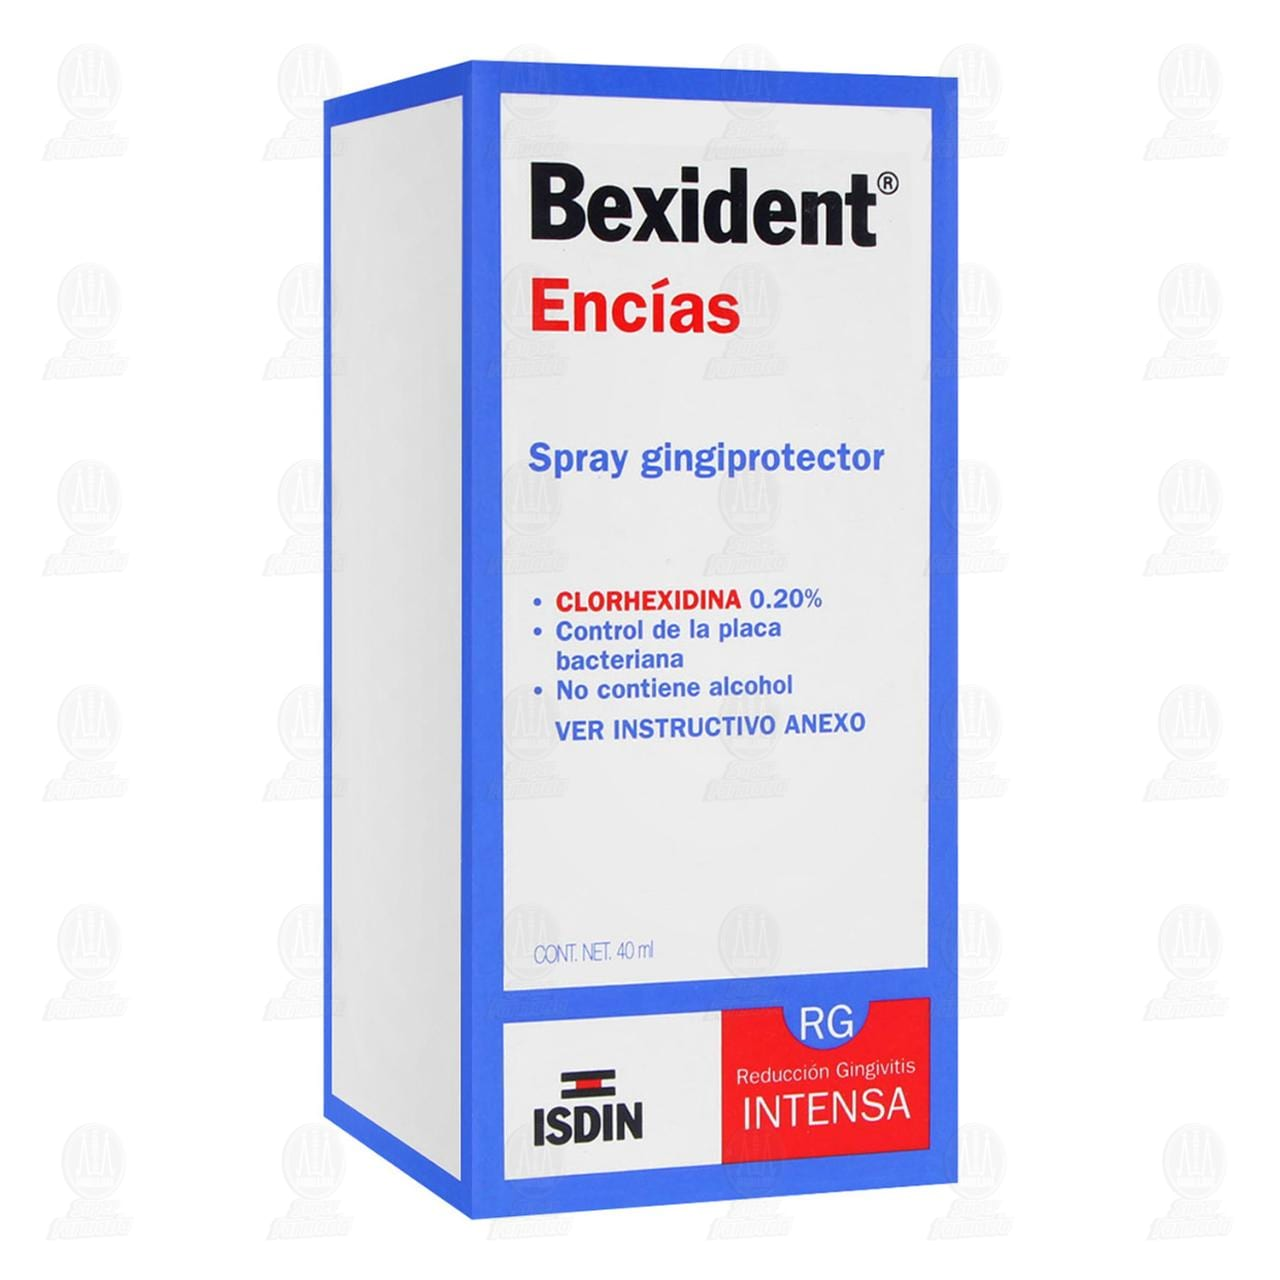 Bexident Encías Spray Gingiprotector 40ml